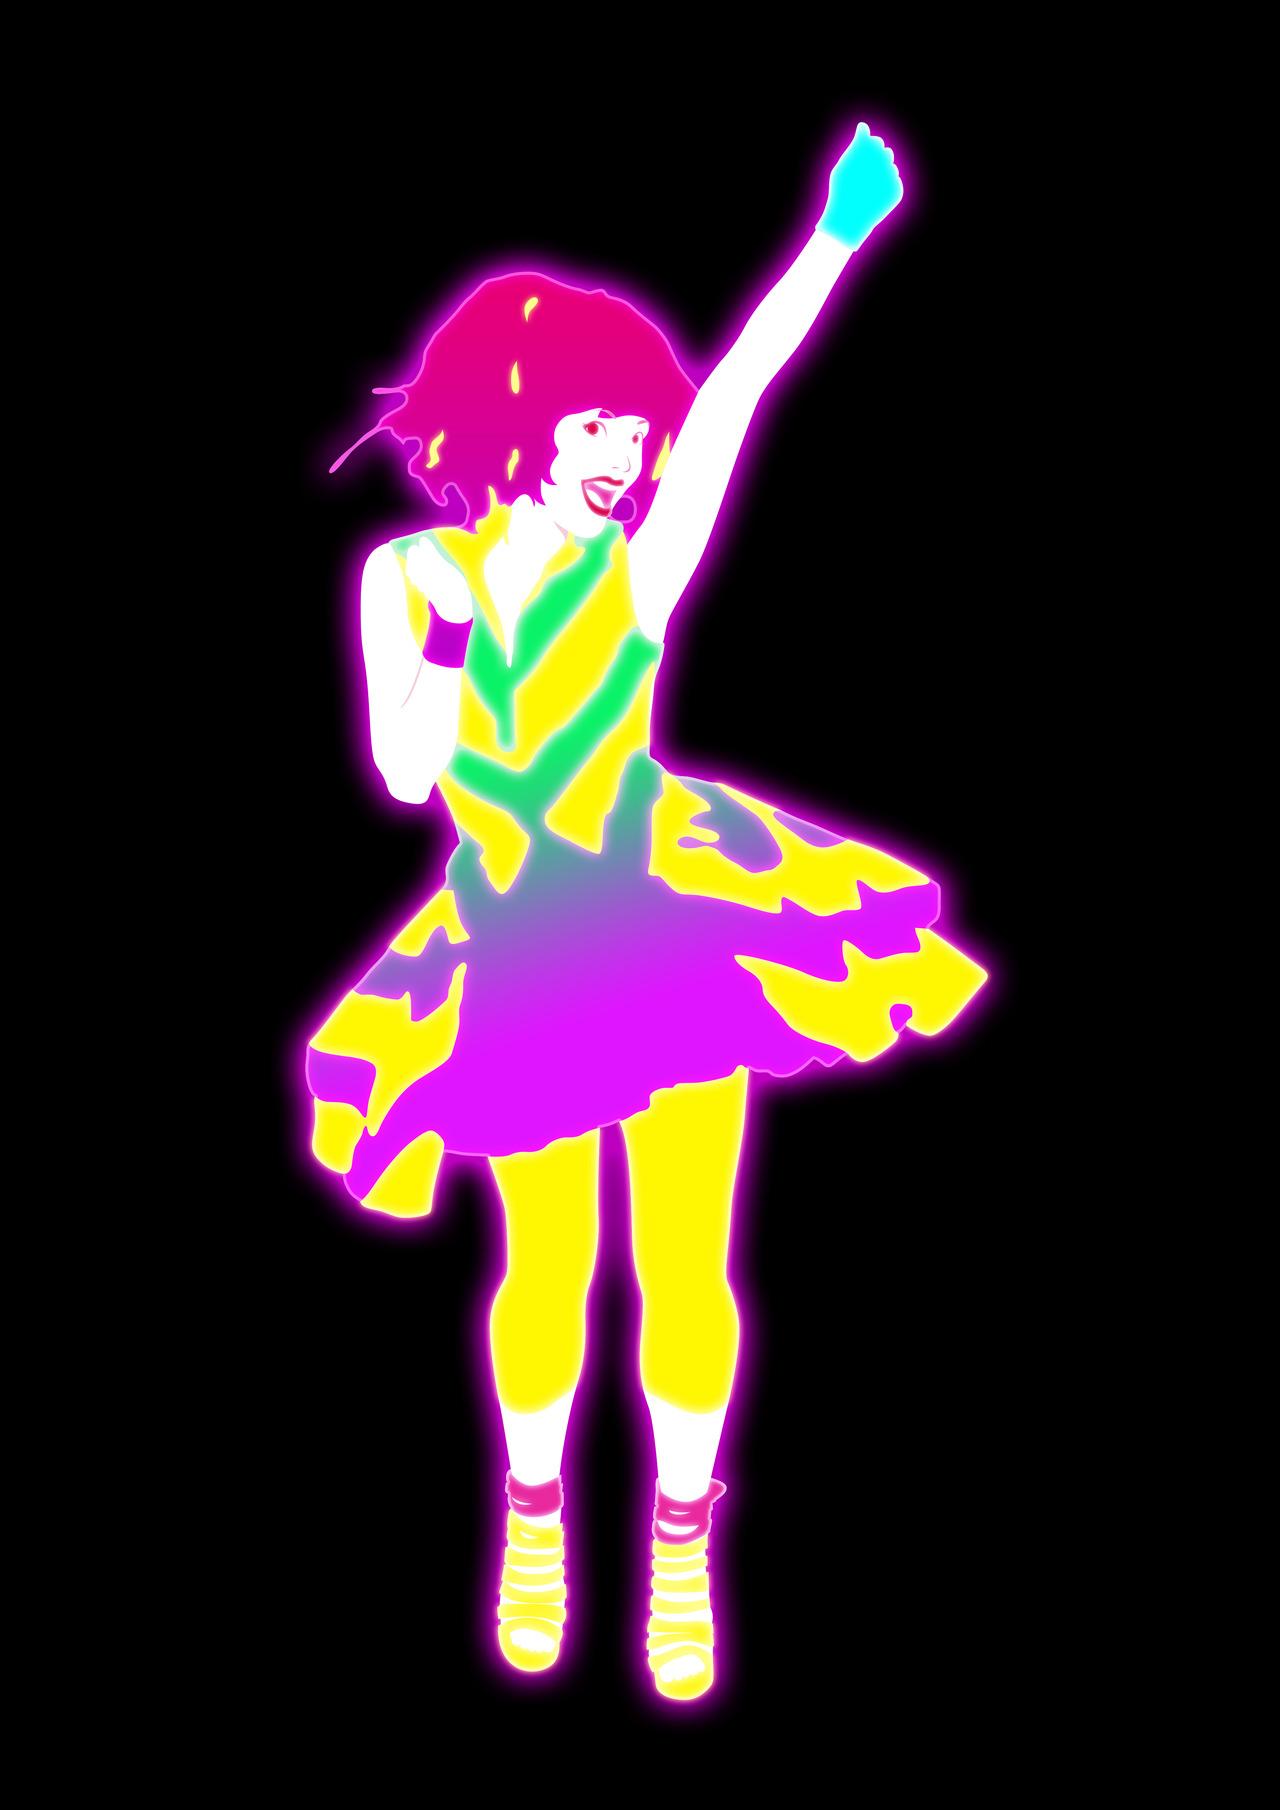 jeuxvideo.com Just Dance 3 - Wii Image 16 sur 89